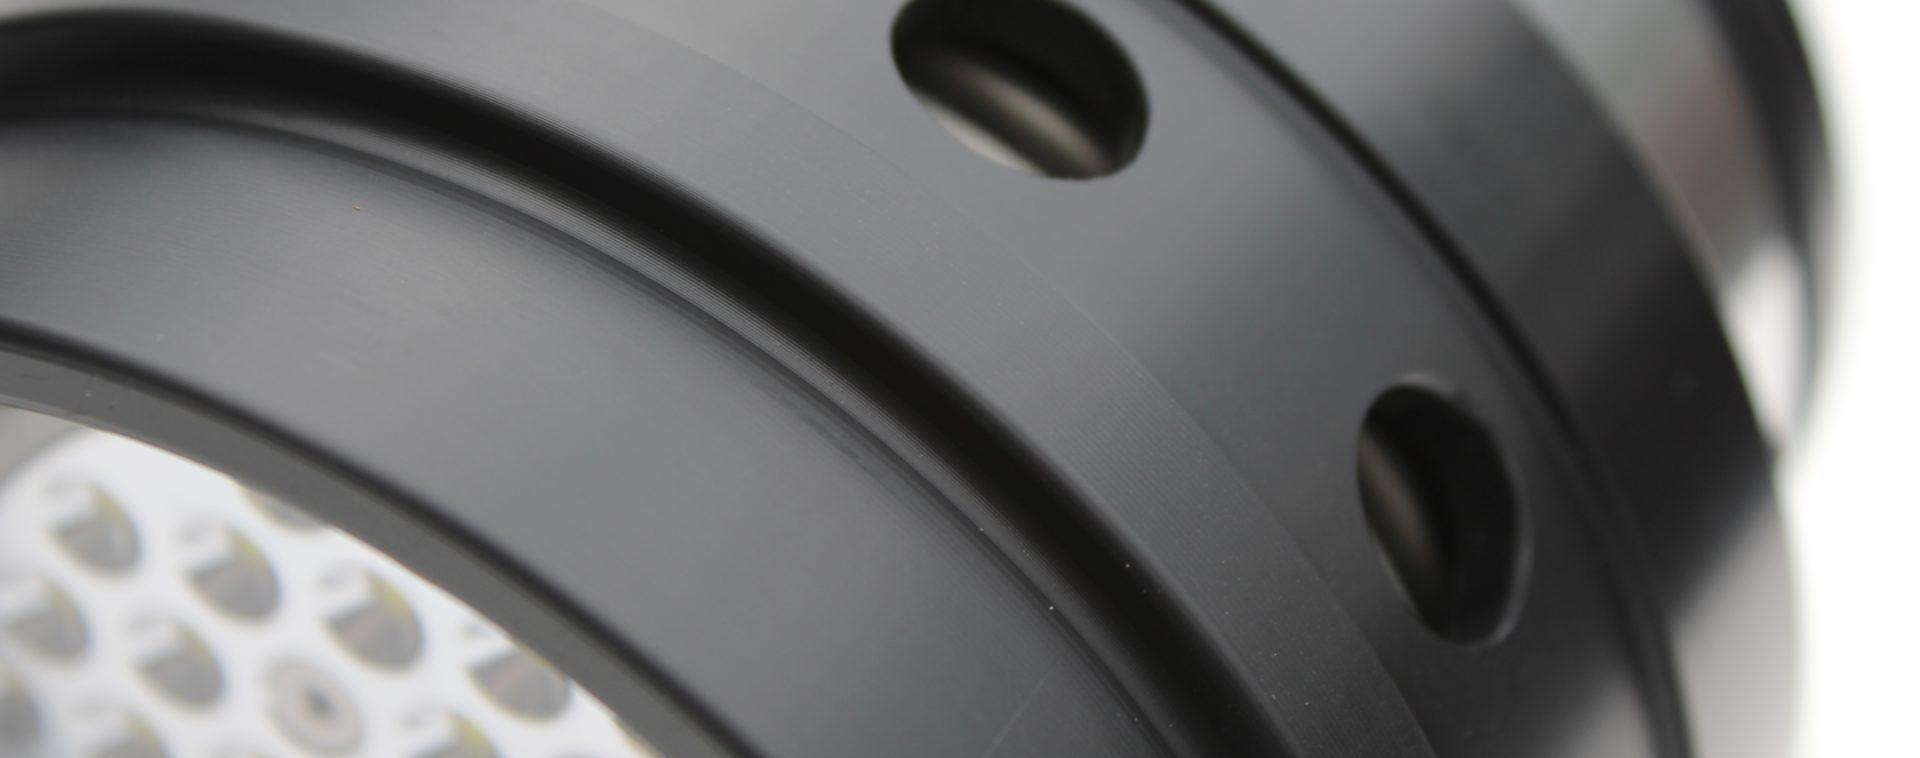 P-48 closeup